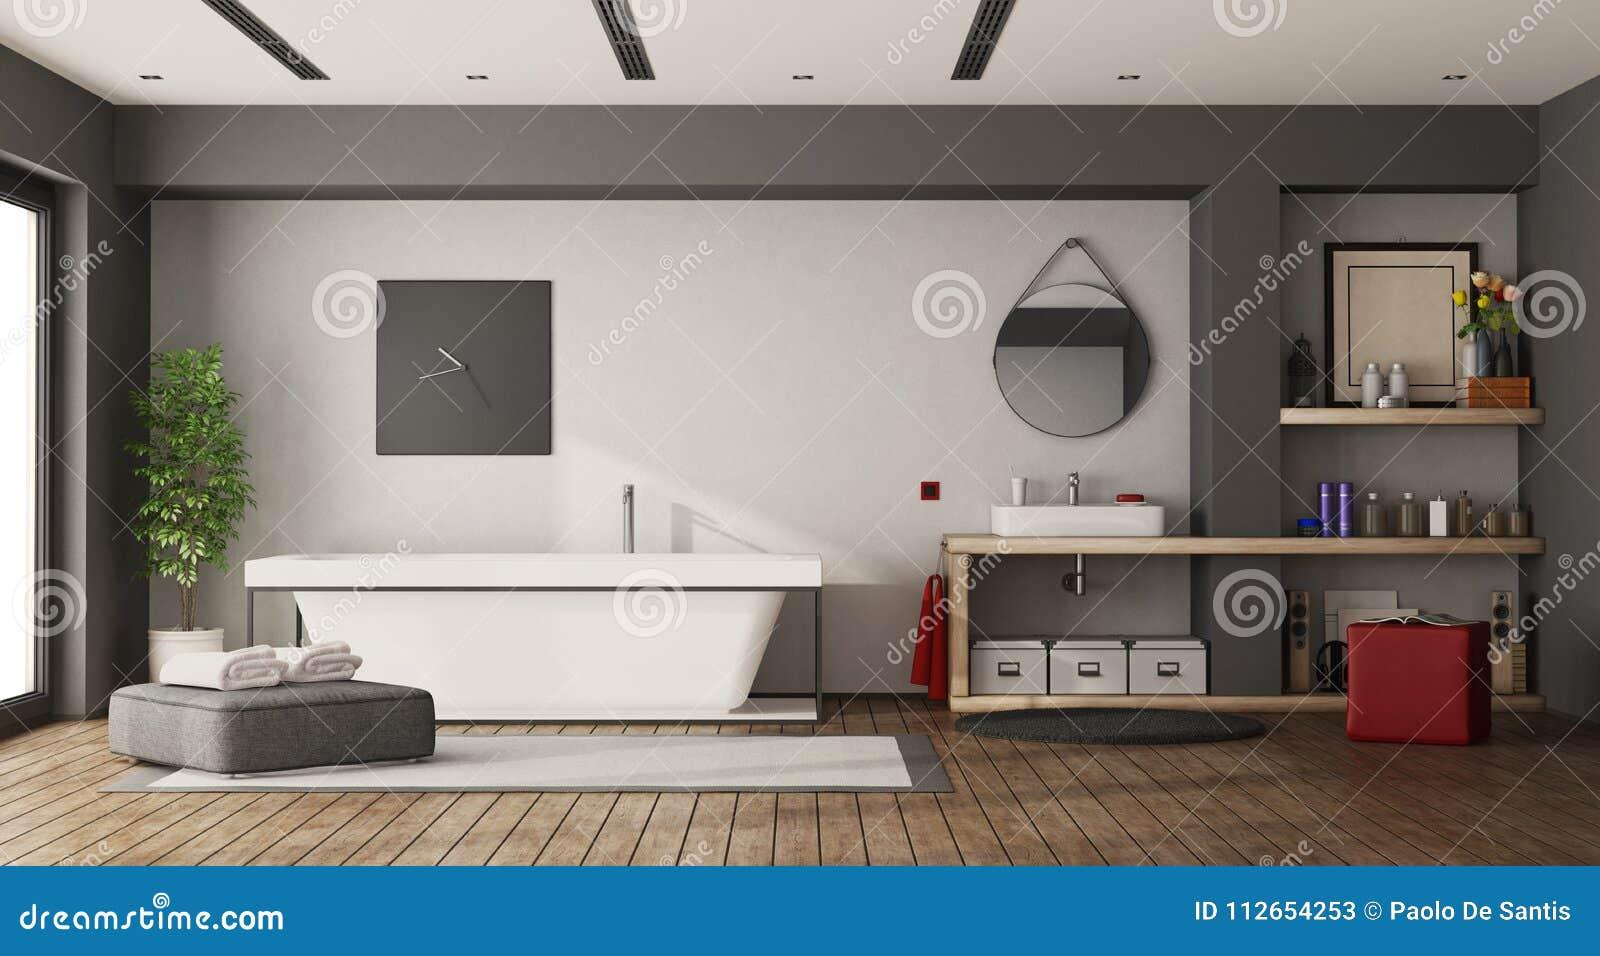 Großes Badezimmer Mit Badewanne Und Waschbecken Stock Abbildung ...